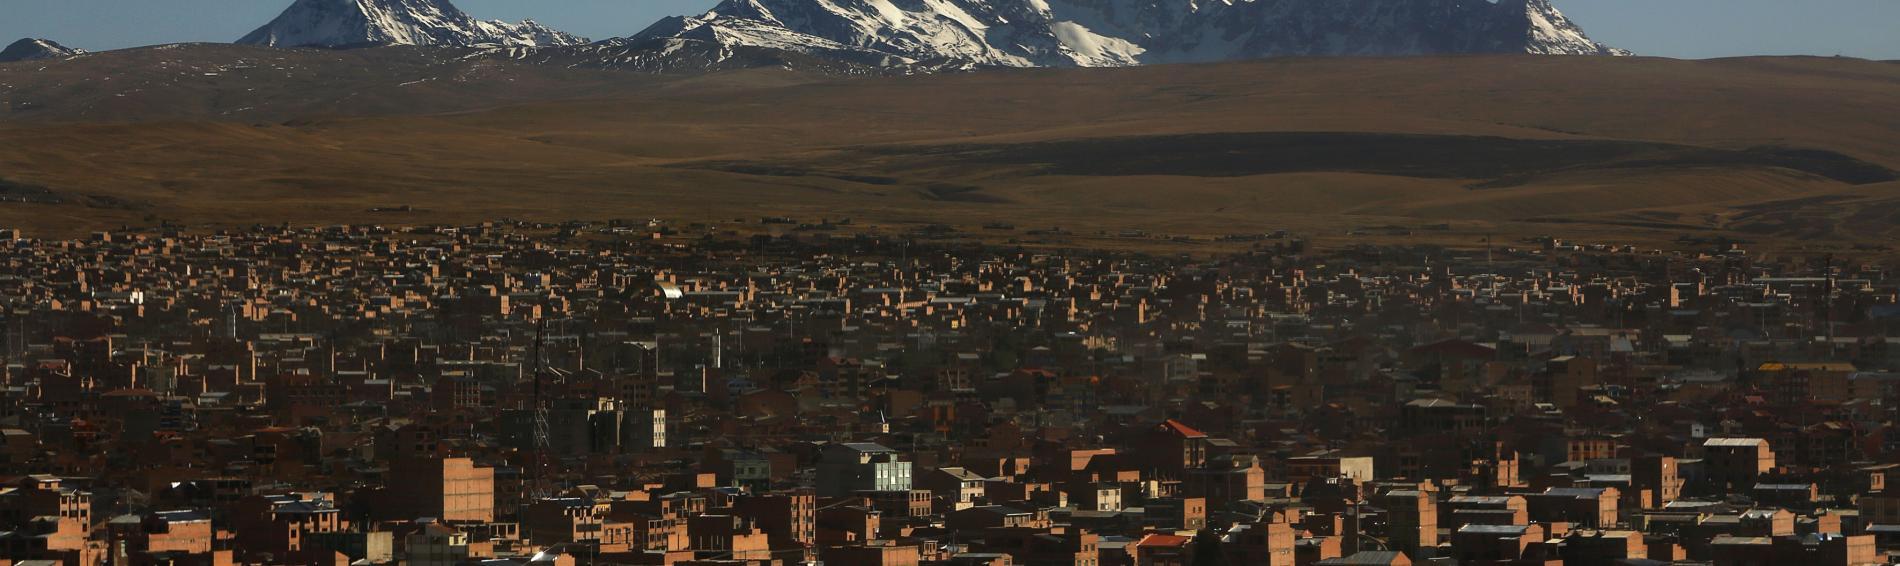 Vista de la ciudad de El Alto, en La Paz, Bolivia.